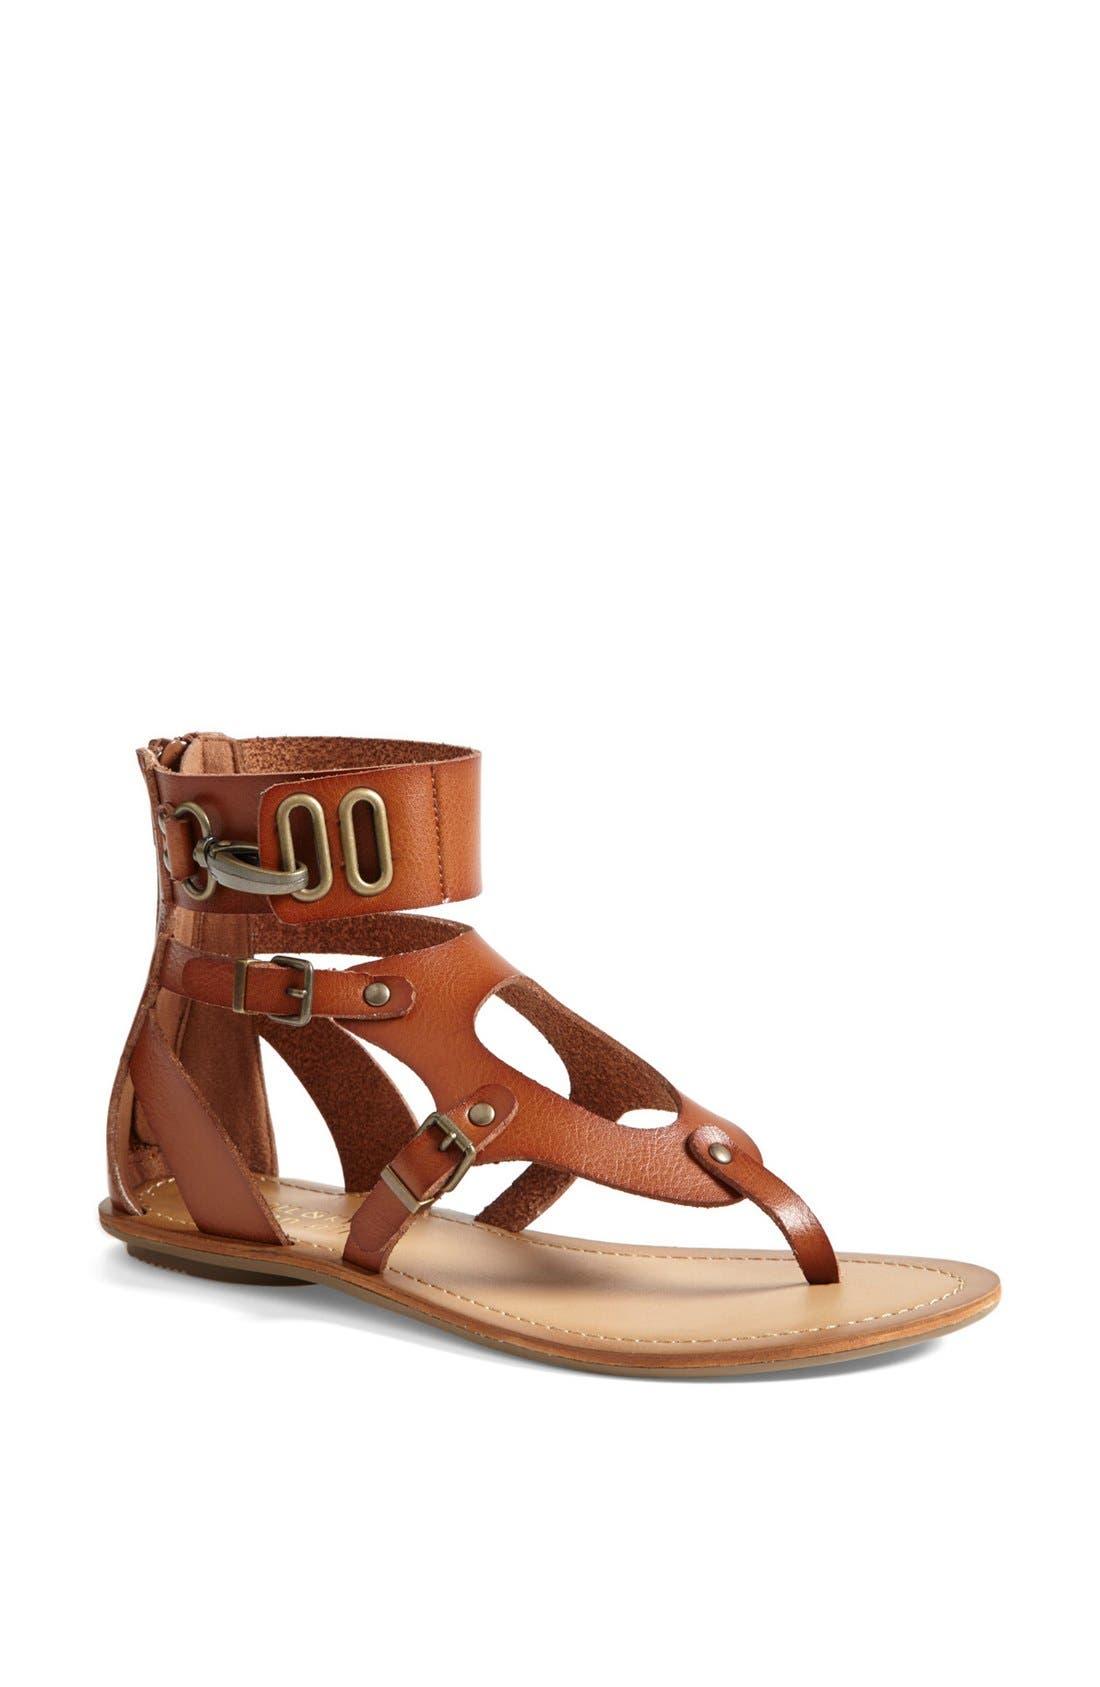 Alternate Image 1 Selected - KENDALL + KYLIE Madden Girl 'Syruus' Sandal